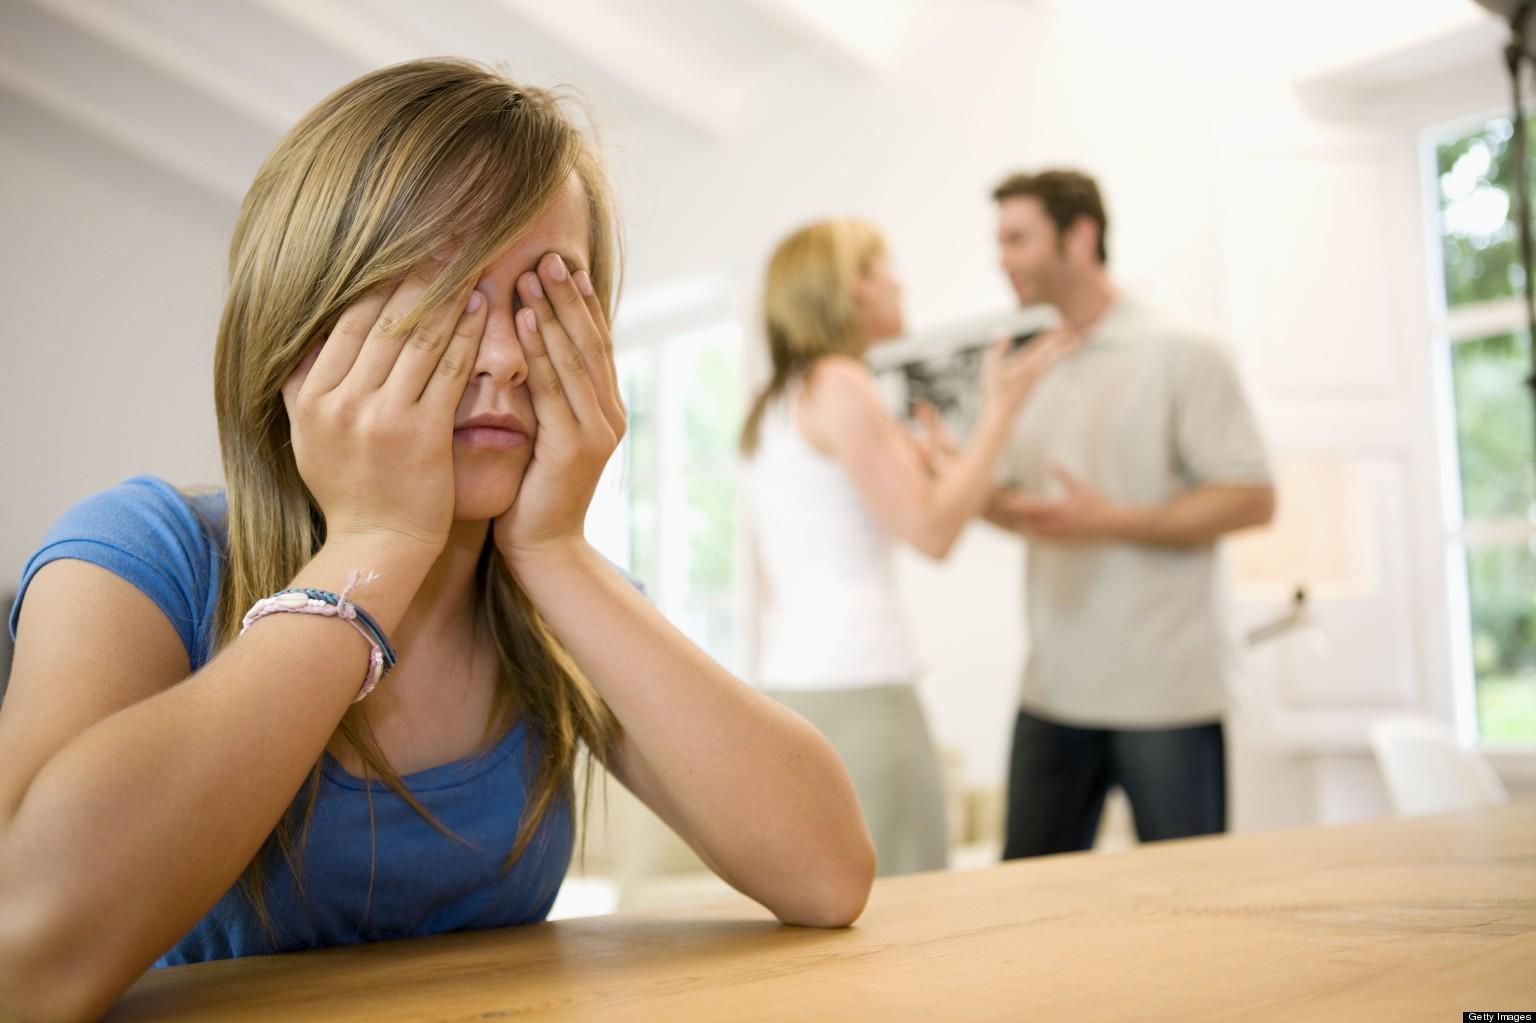 для дочери разрыв родителей - это стресс